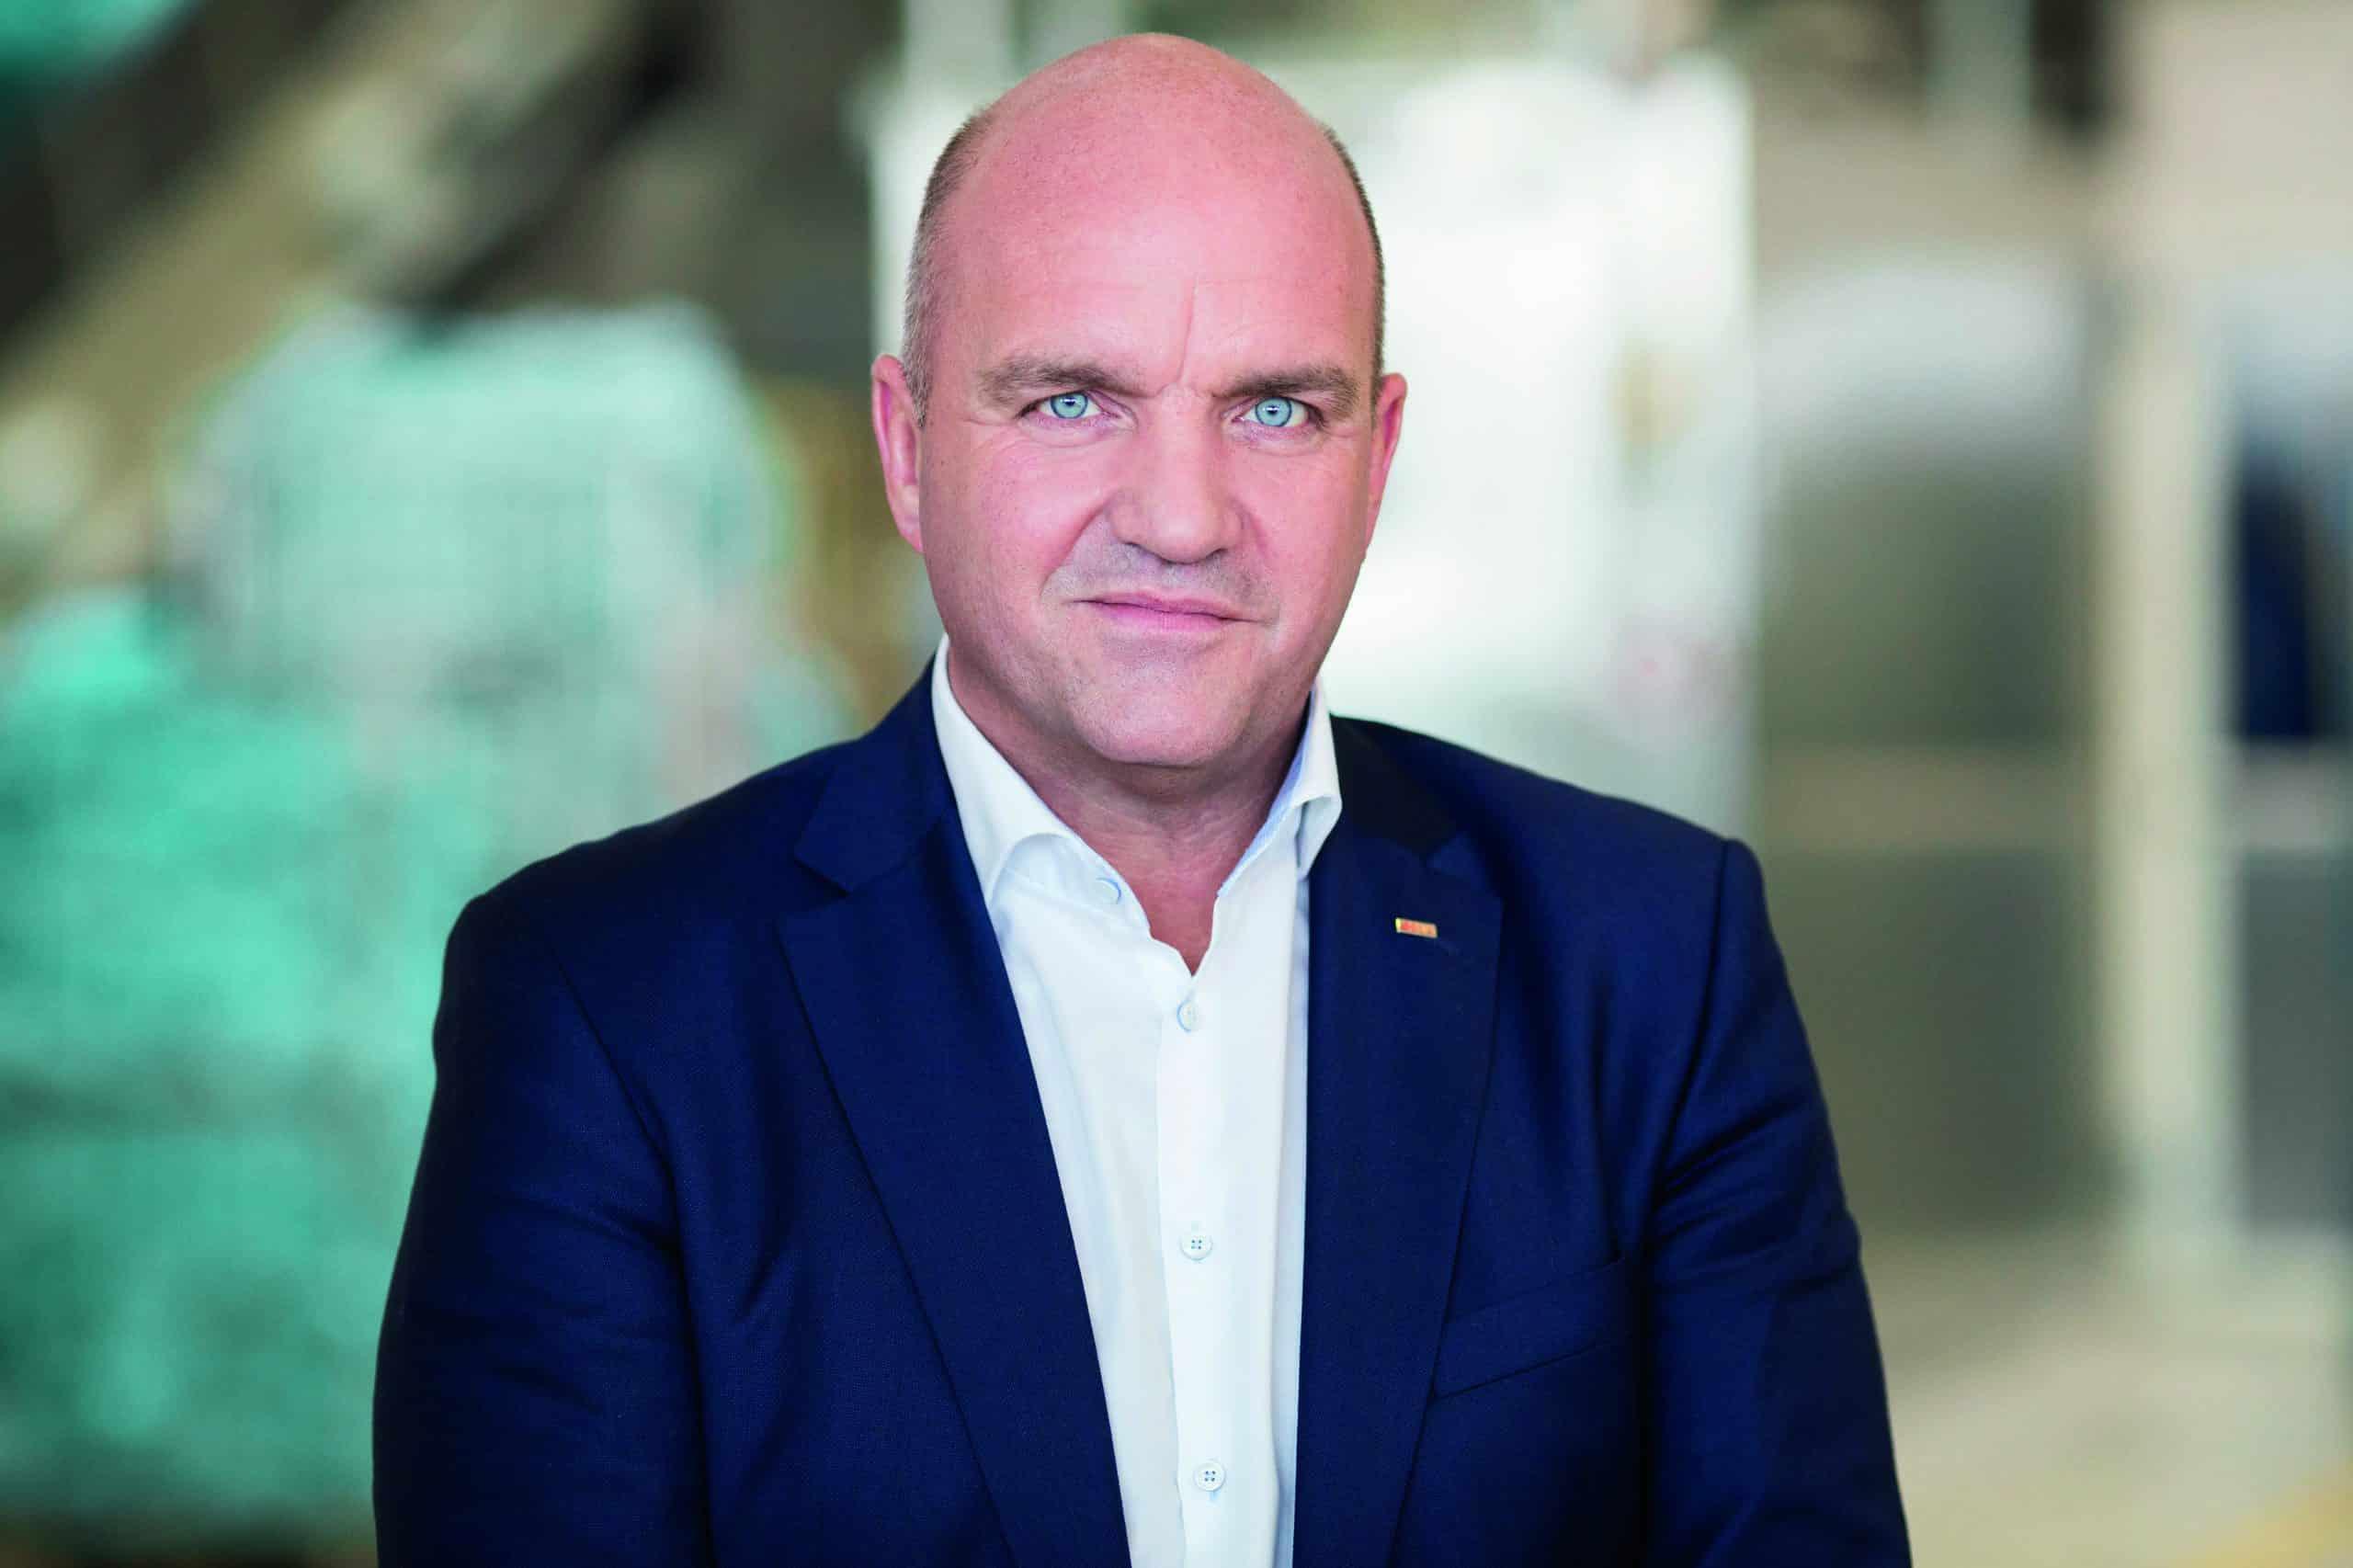 Markus Wieser setzt sich seit 2009 für maßgeschneiderte Rehabilitationskonzepte für Kinder und Jugendliche ein.